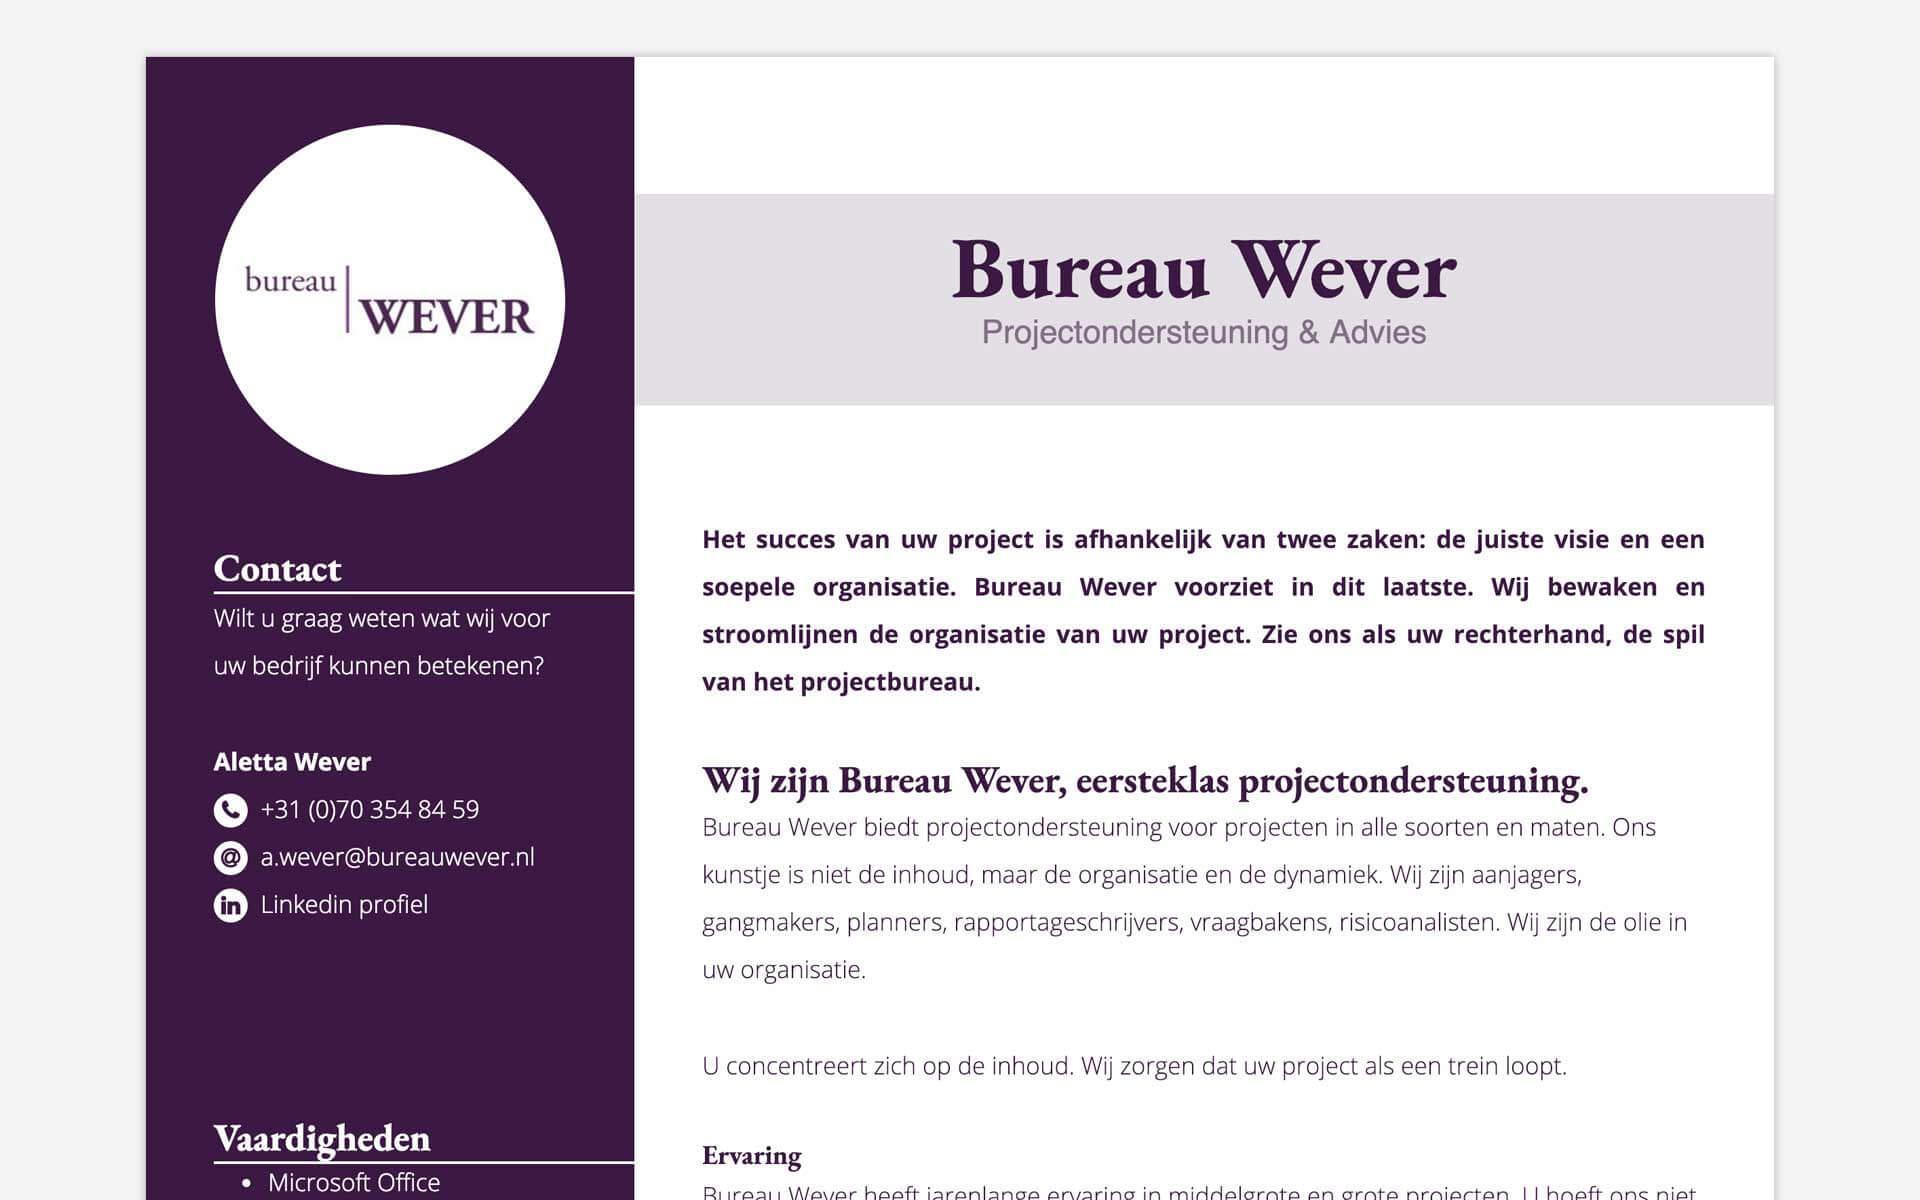 bureauwever.nl desktop preview